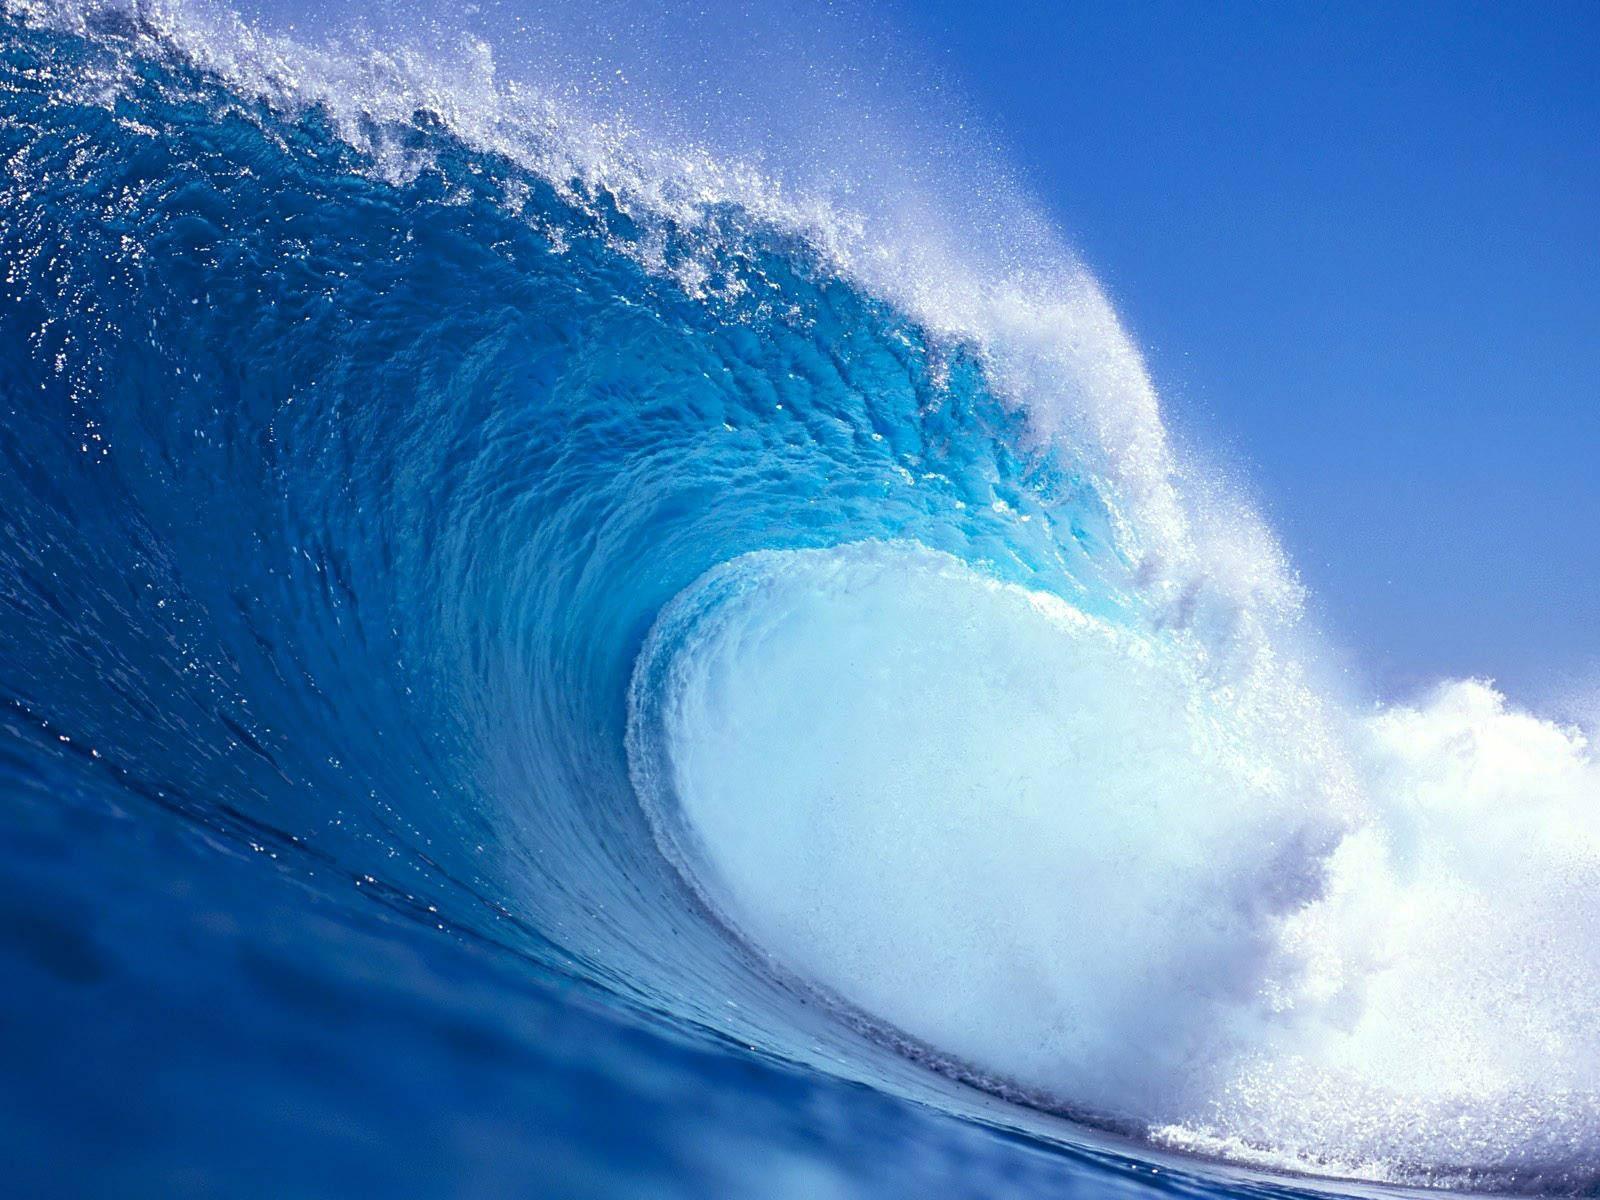 http://1.bp.blogspot.com/-fvtfZFksDdo/Tky2y-jRVYI/AAAAAAAAADo/Ib7ugC_mwdA/s1600/Big+wave%252C+wallpaper.jpg